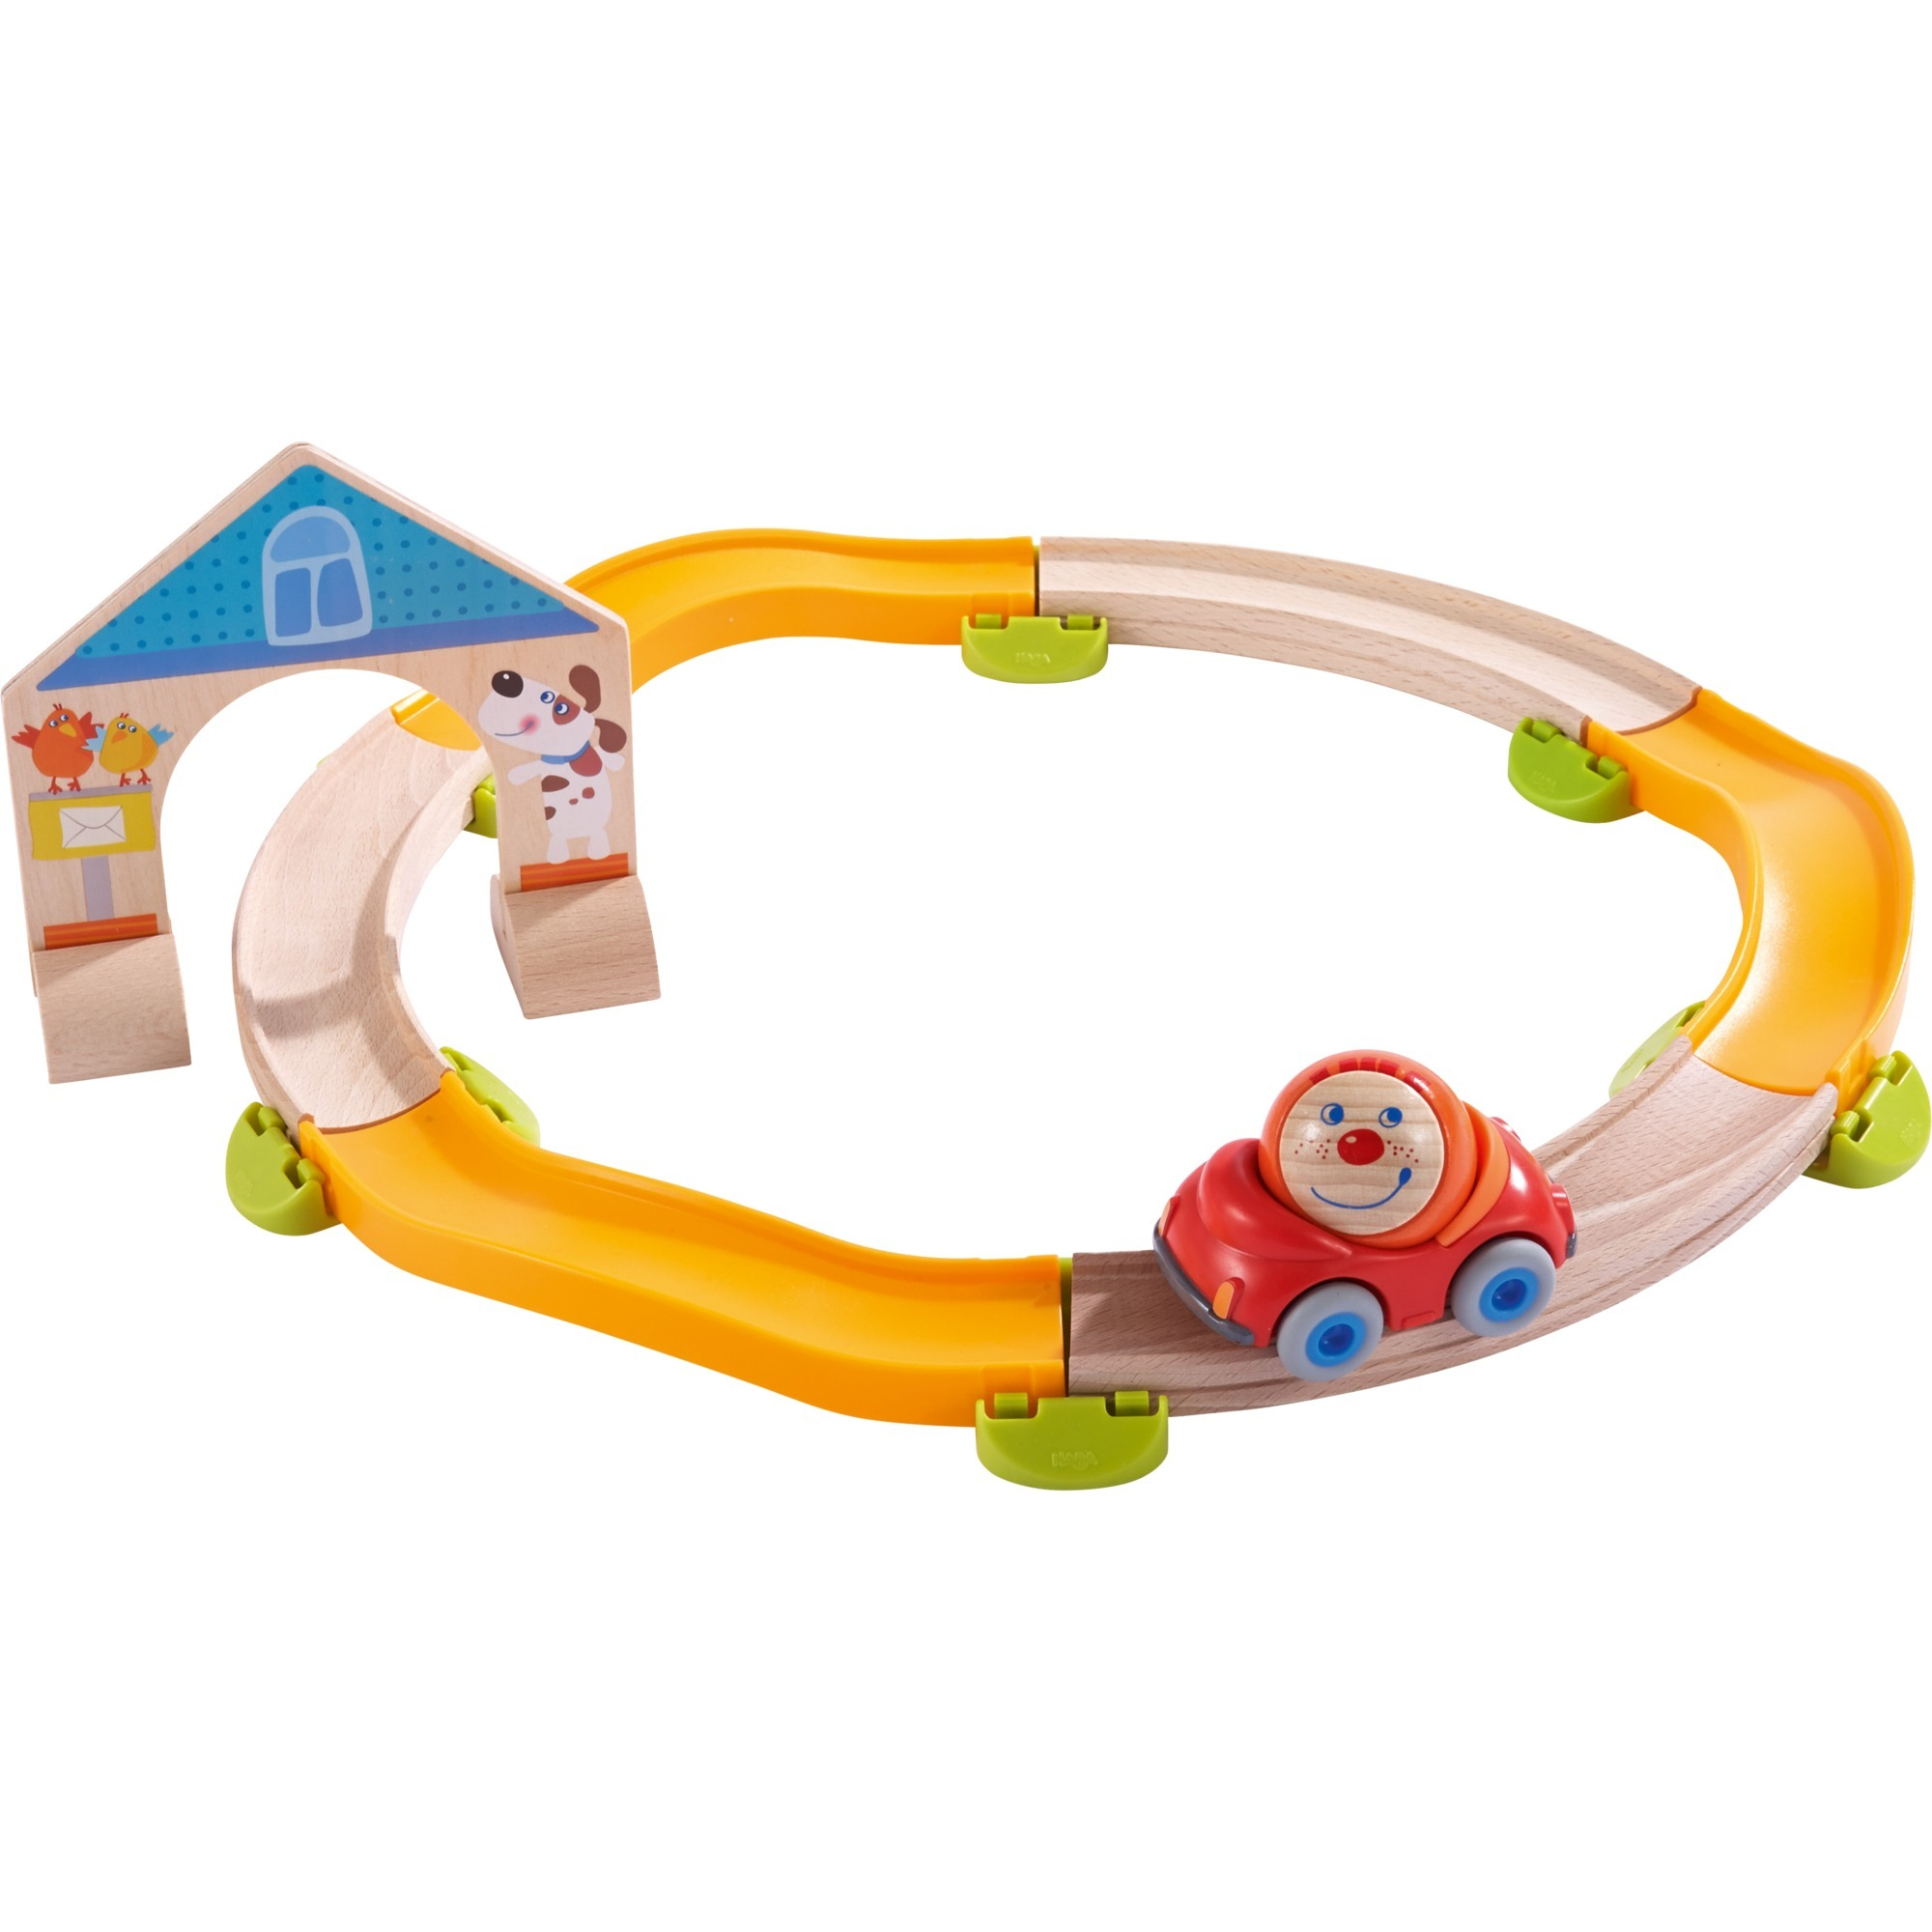 302057 De plástico, Madera pista para vehículos de juguete, Ferrocarril